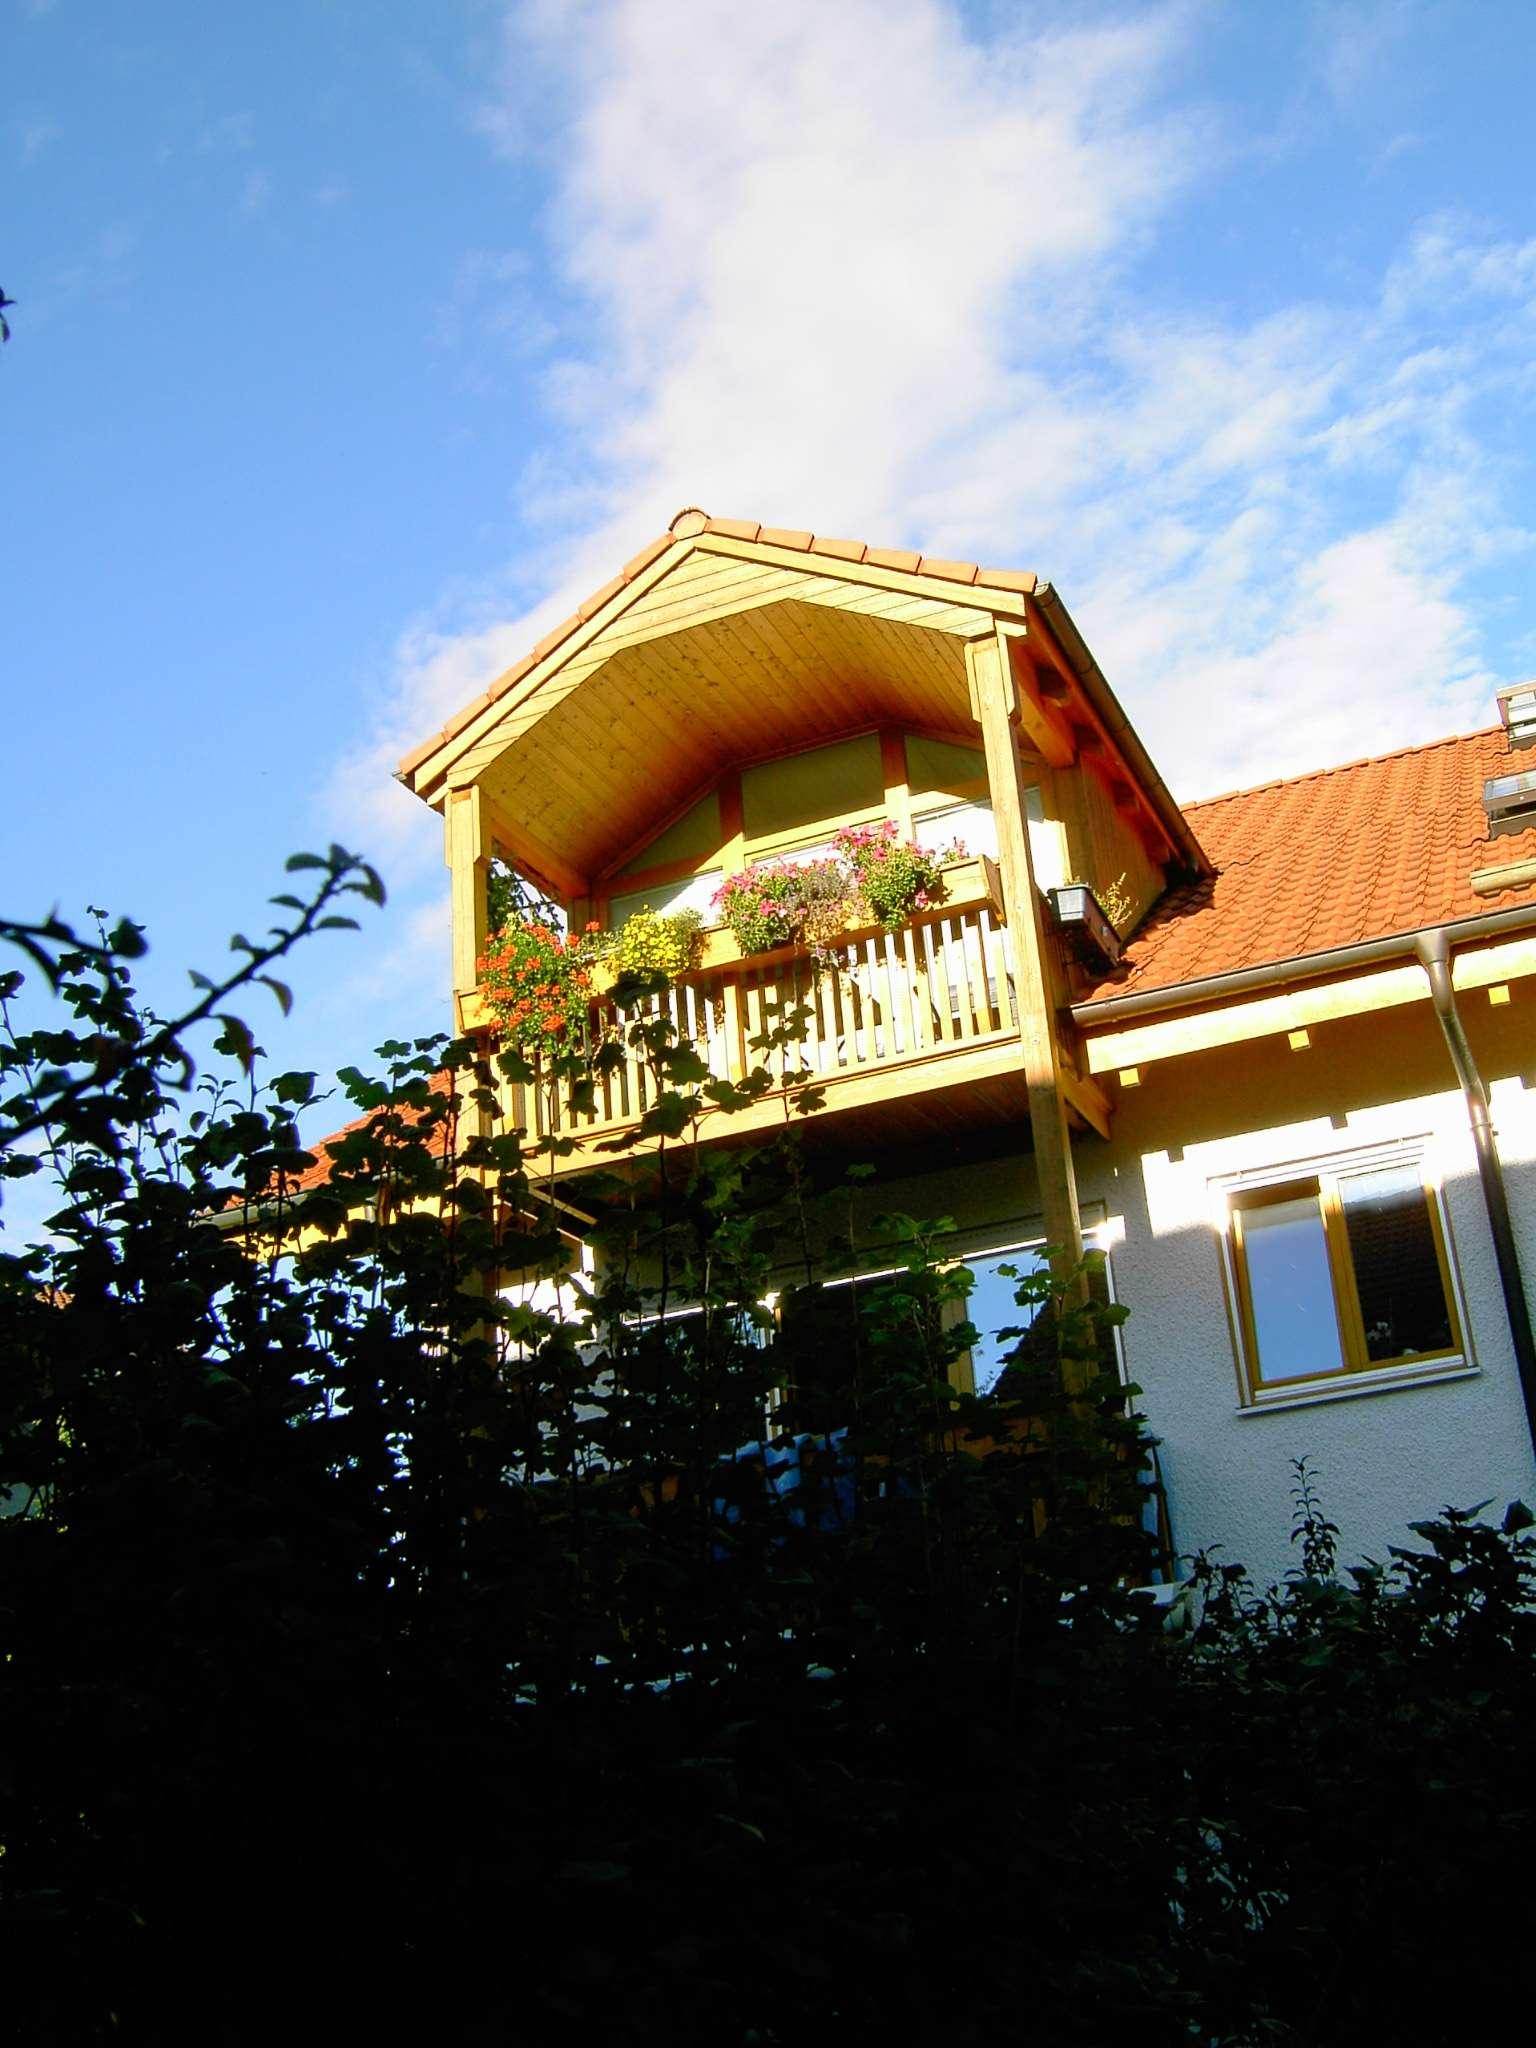 Ein Traum in weiß:  Hochwertige 2,5-Zimmer-DG-Wohnung mit 2 Balkonen u. Einbauküche in Vaterstetten in